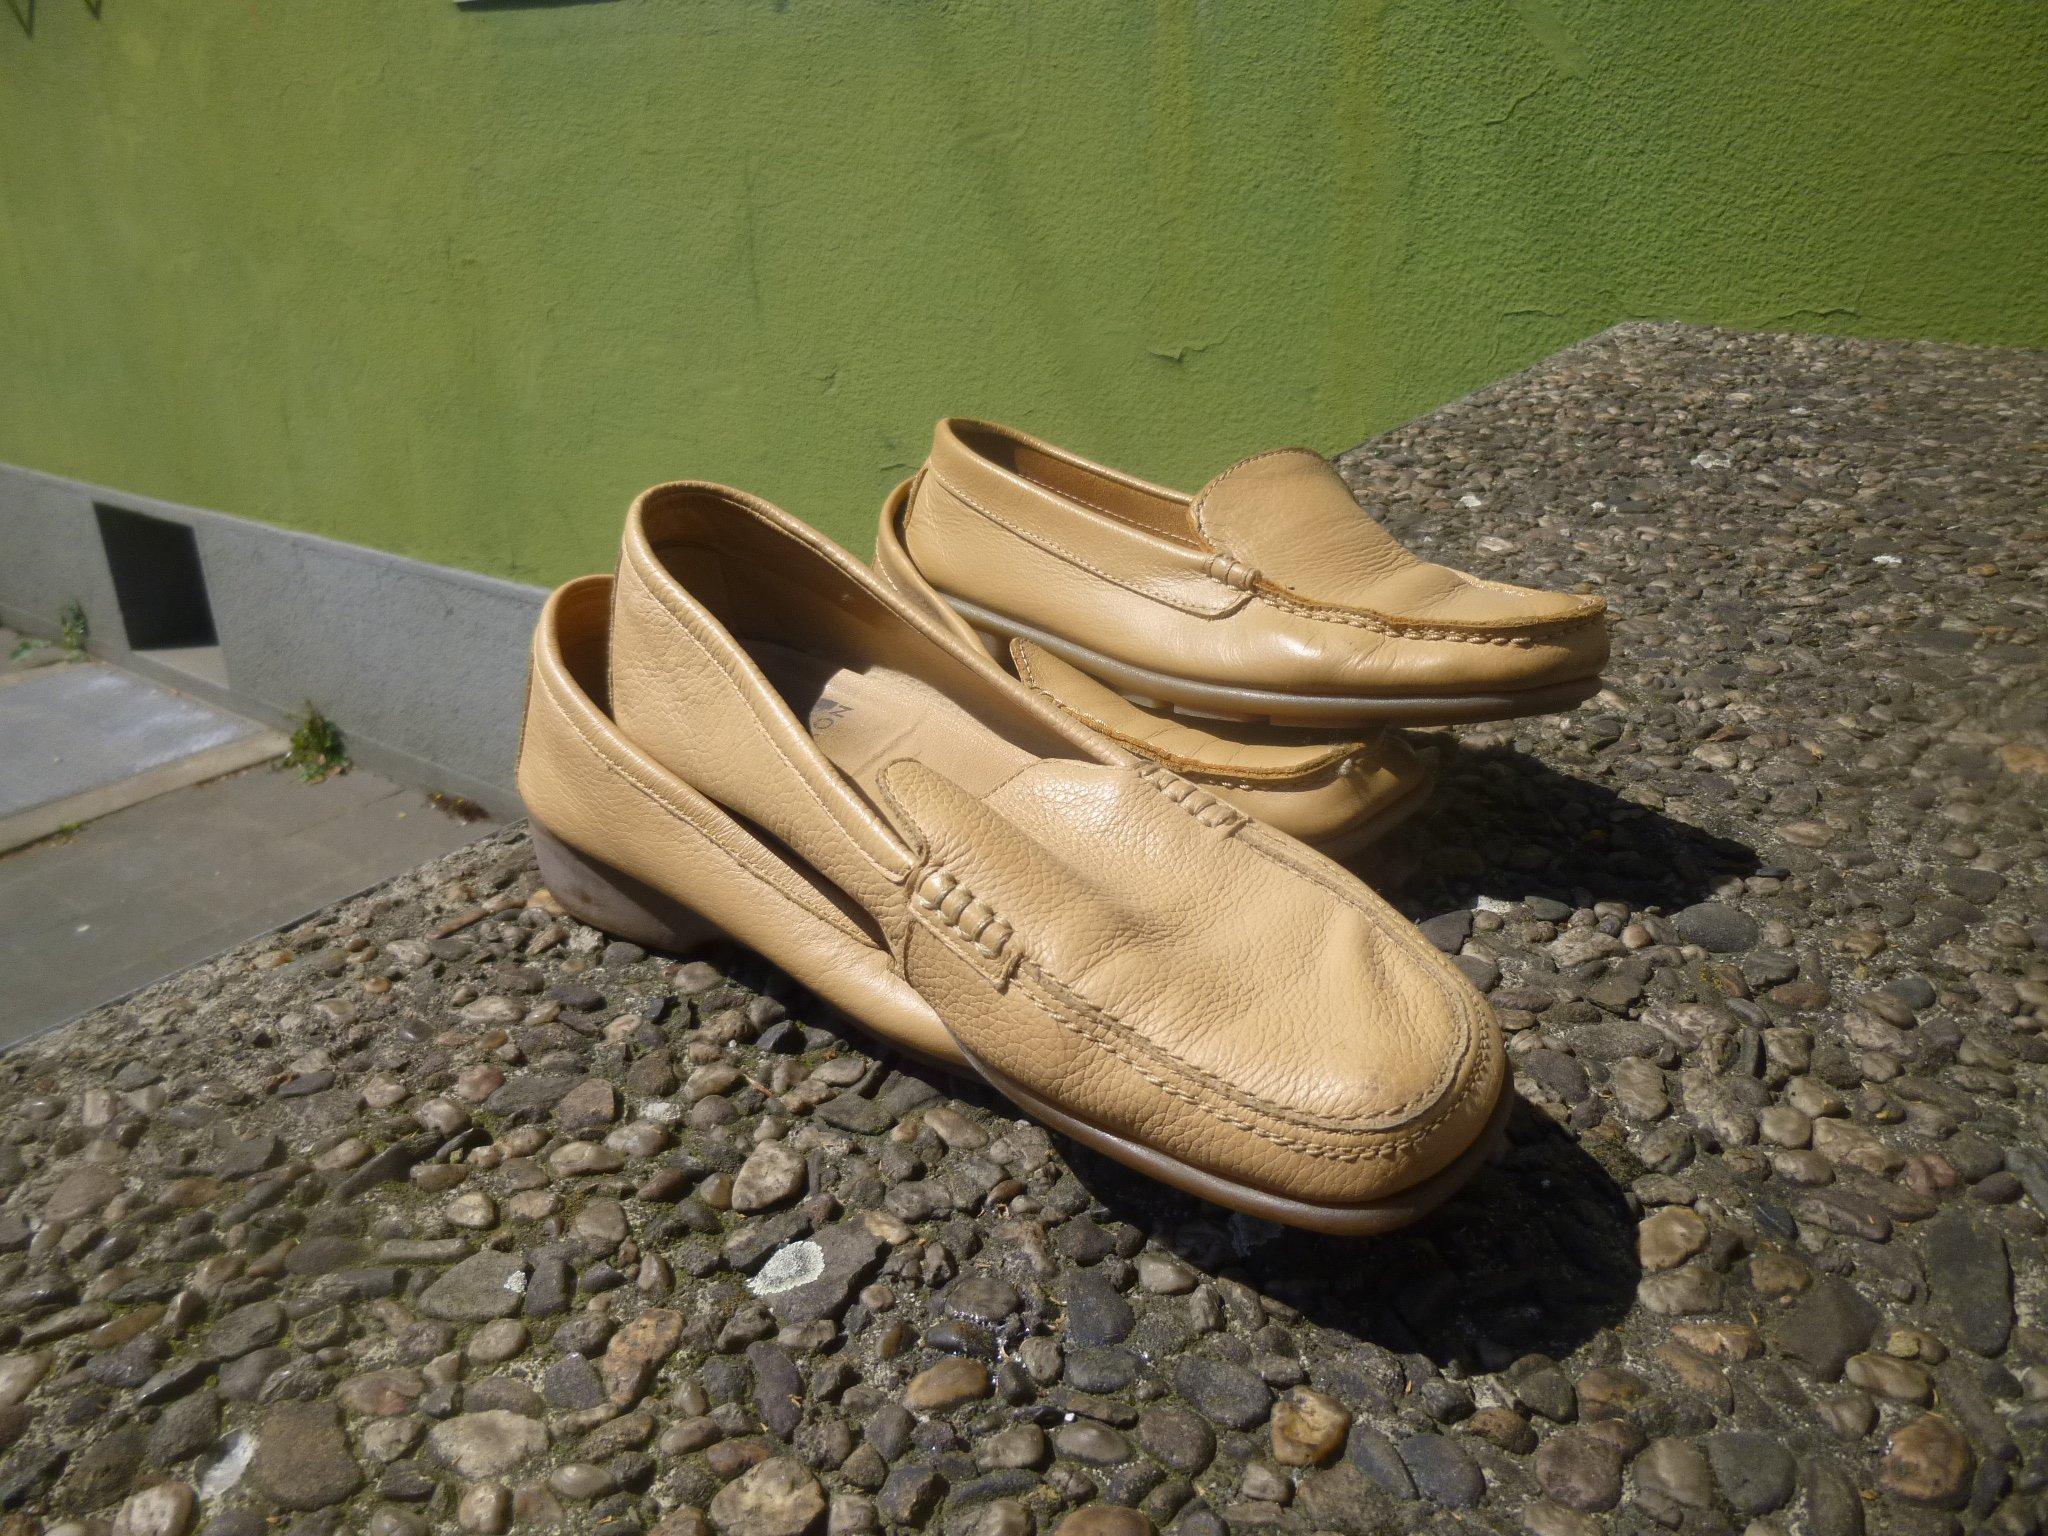 Schuhwerk to go